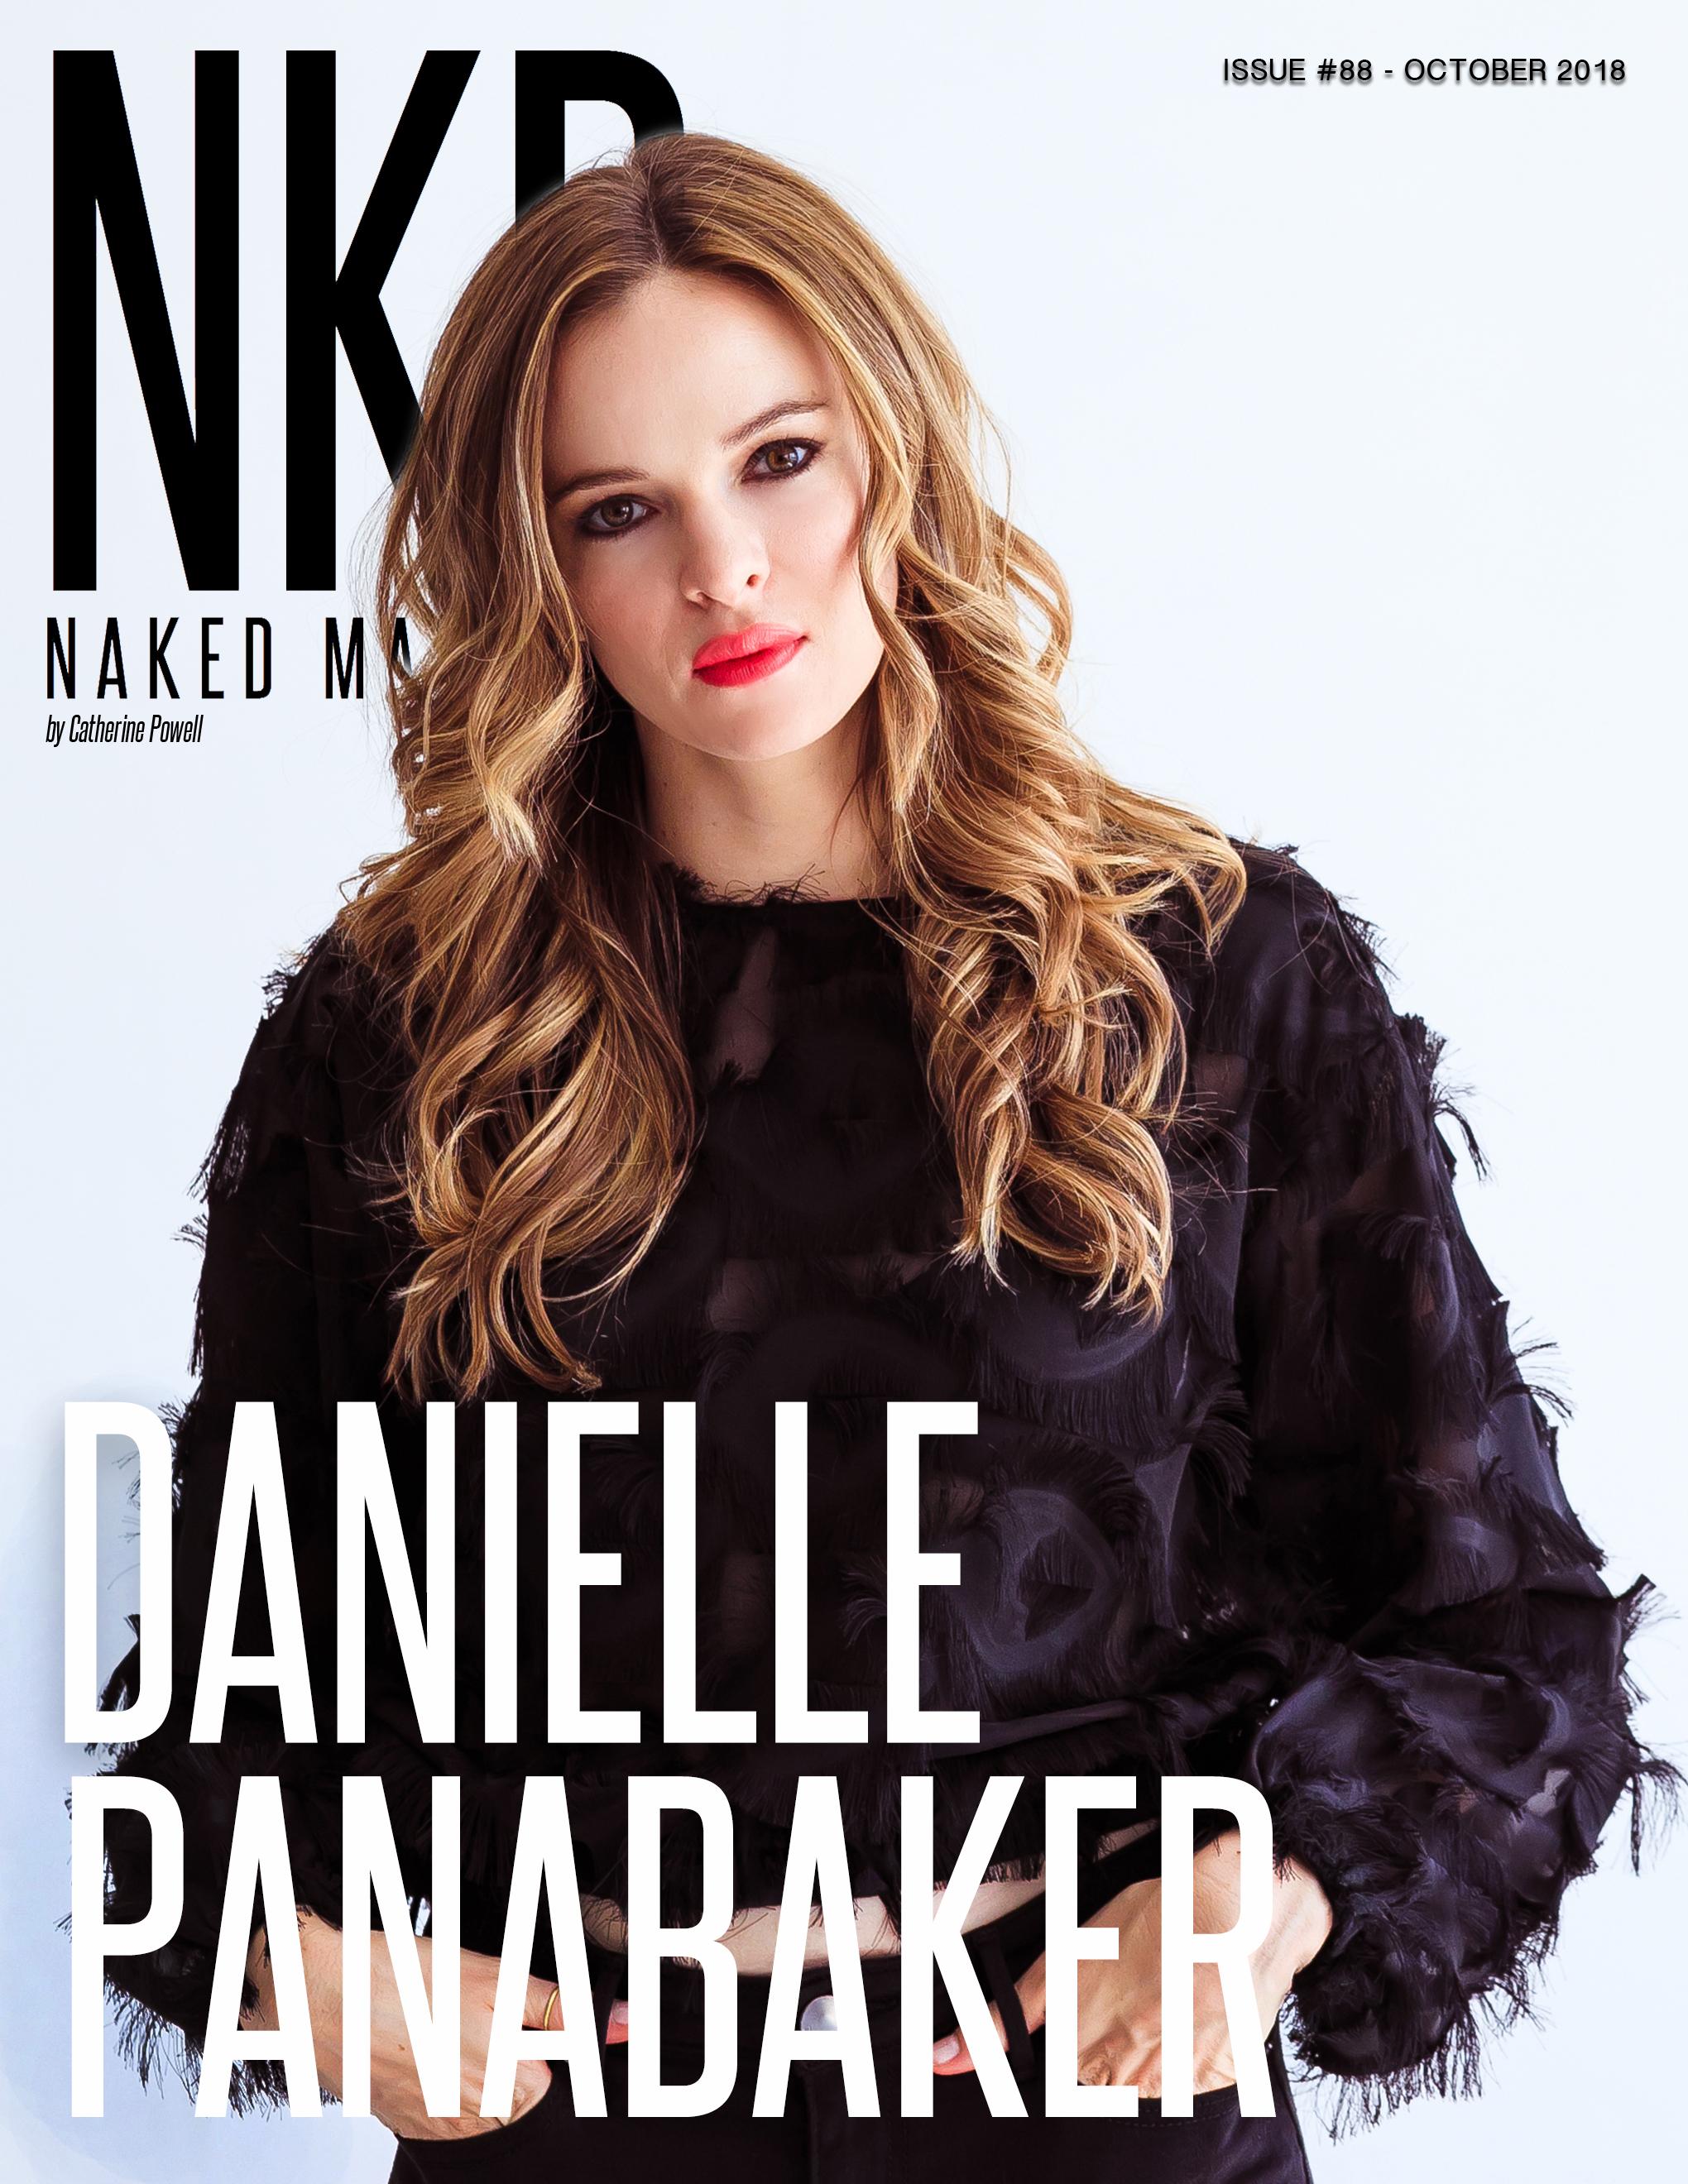 Danielle panabaker cover.jpg